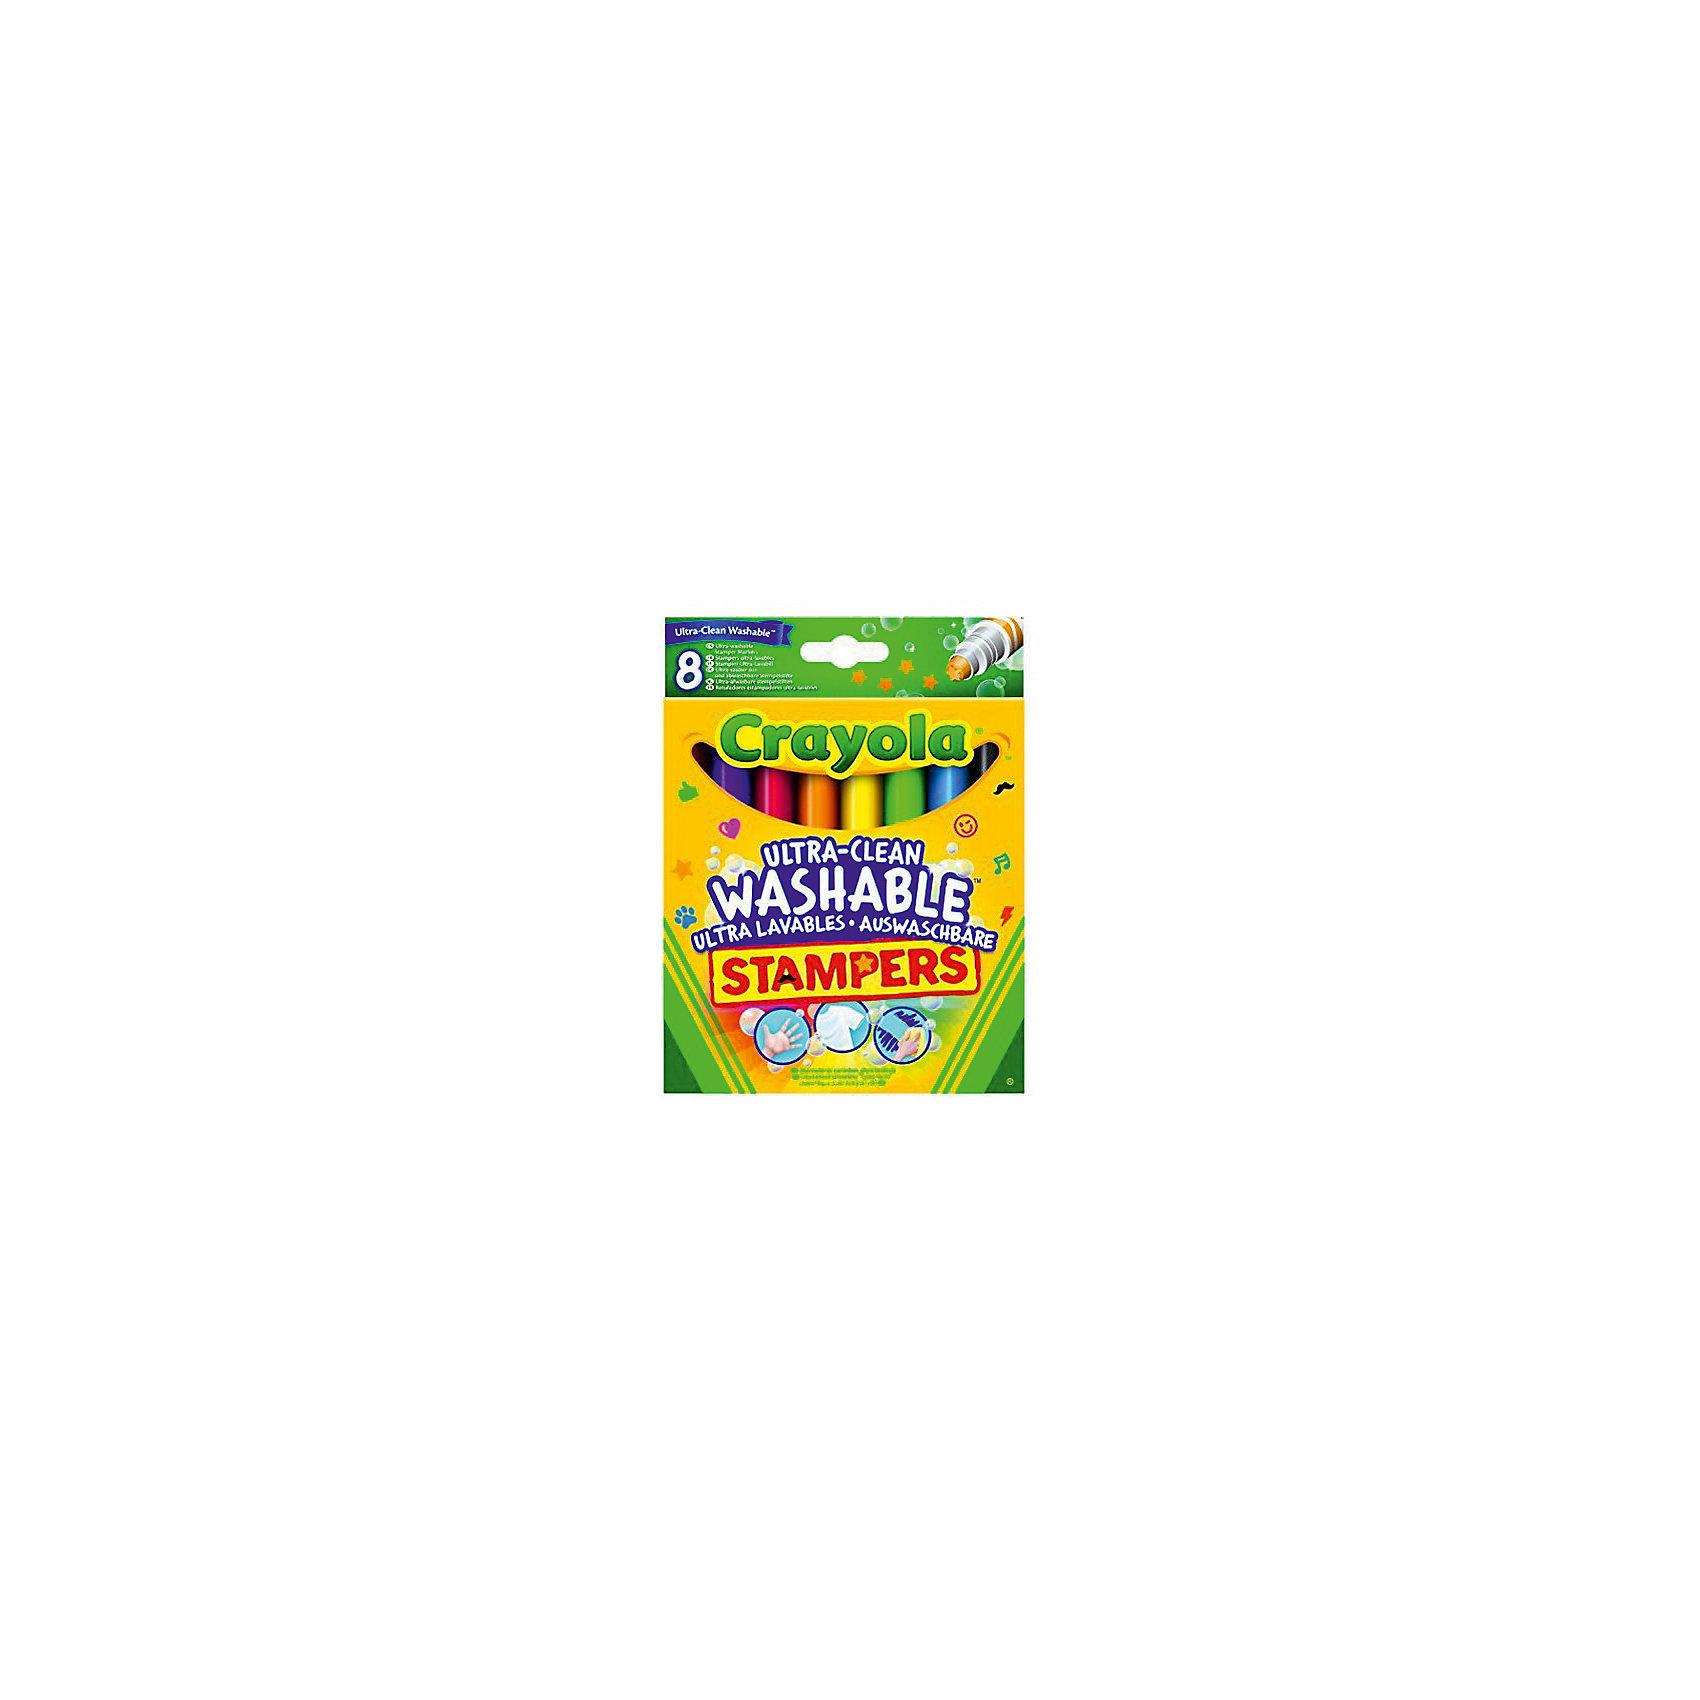 Crayola Набор мини-штампов Животные, 8 шт оснастка для штампов colop printer c30 18x47mm 218964